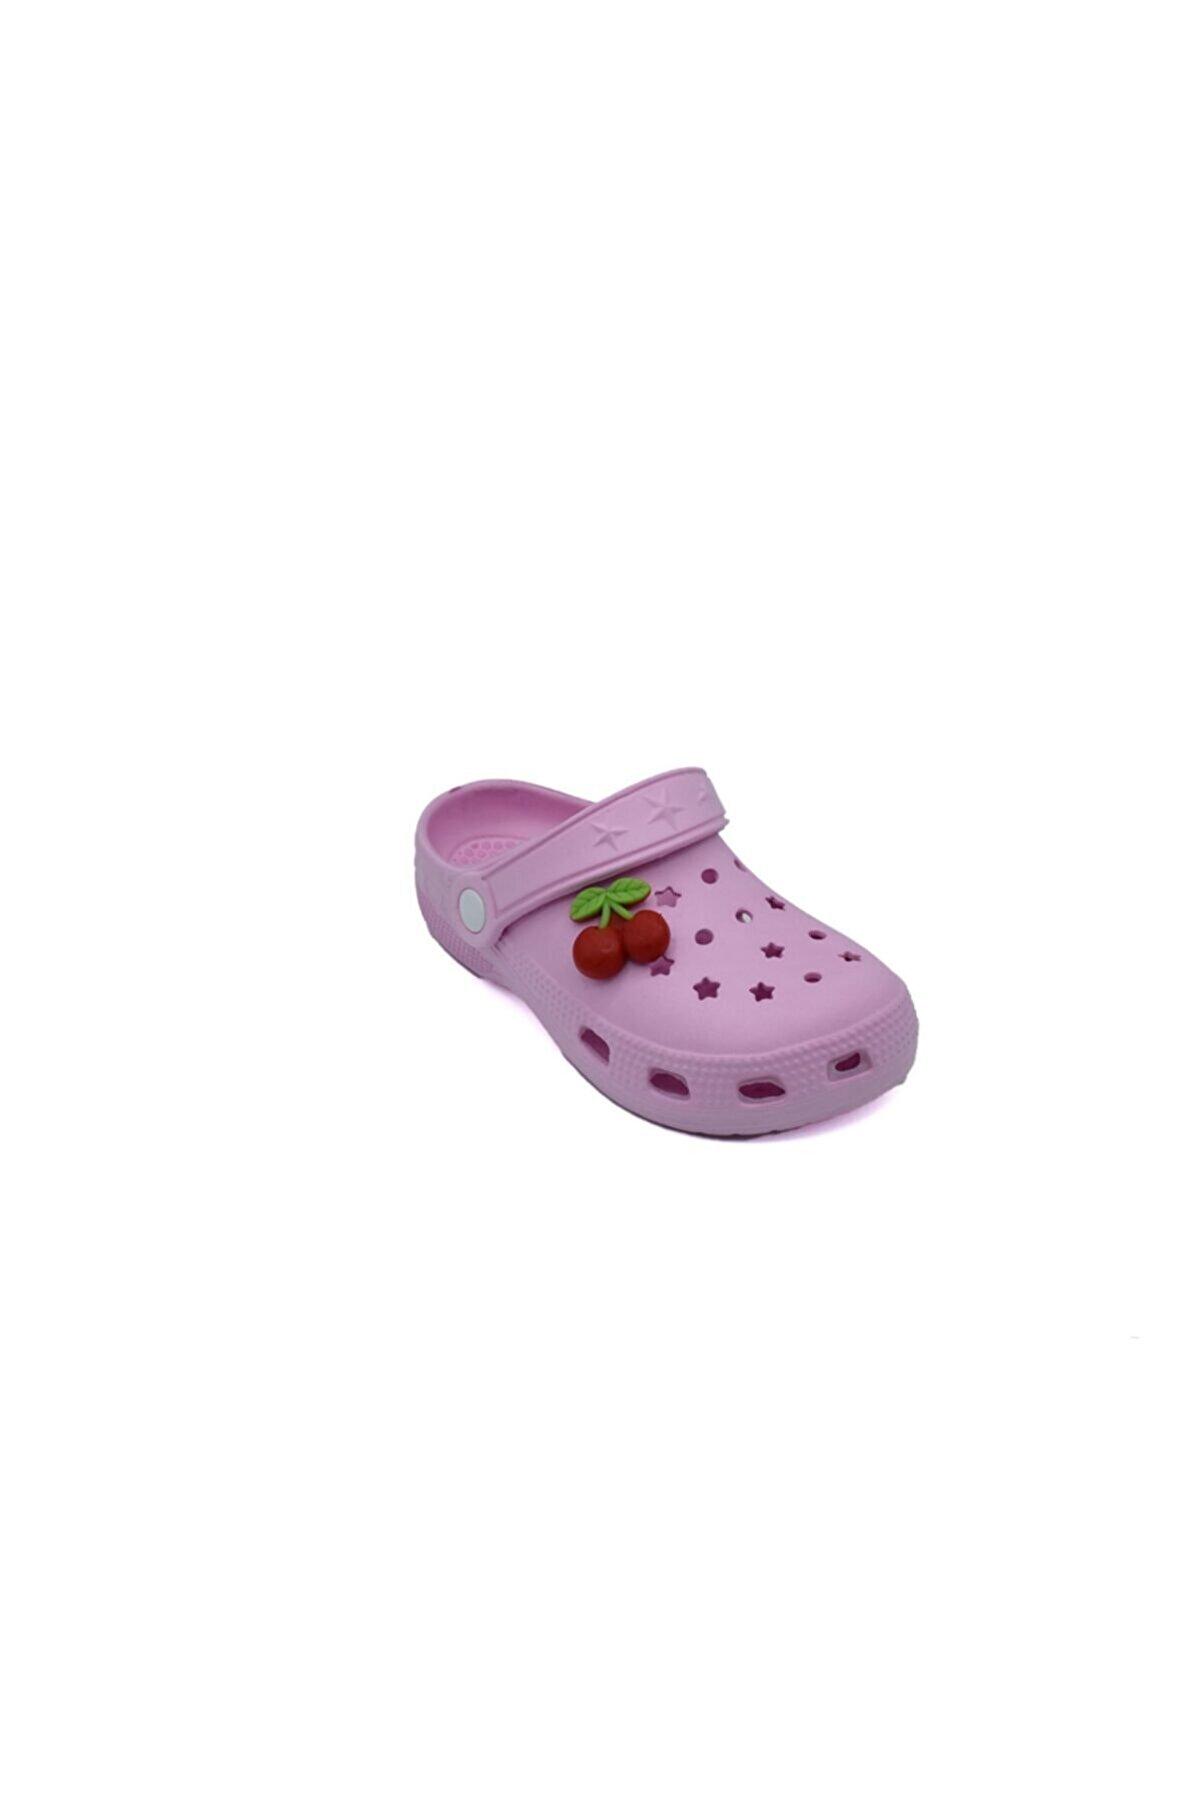 ODESA AYAKKABI MARKET Kız Çocuk Meyveli Yumuşak Taban Sandalet Terlik